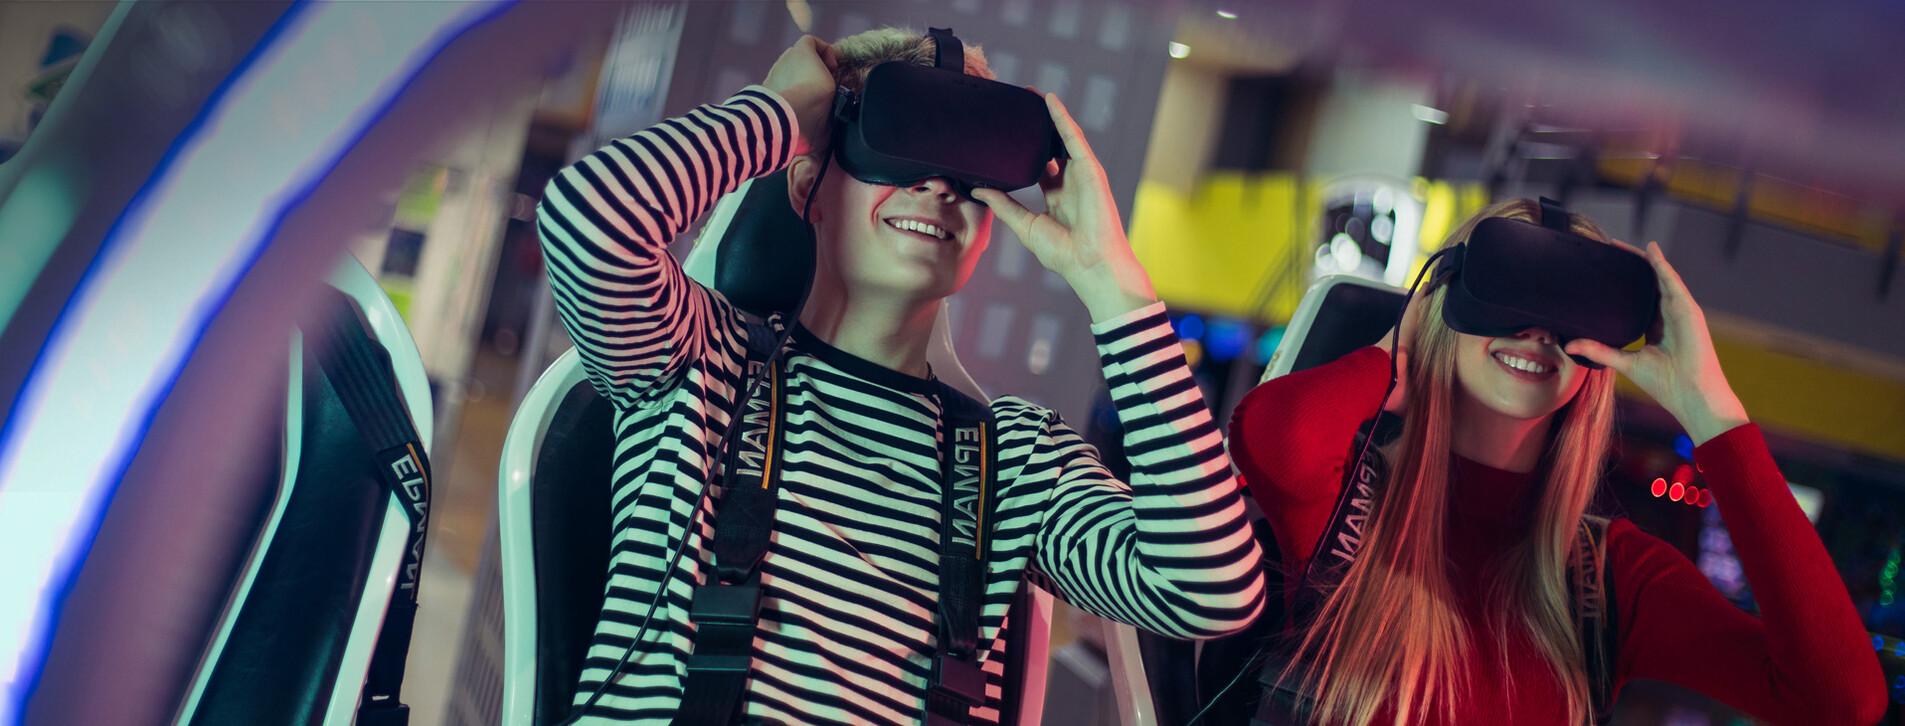 Фото 1 - Экшн-фильм в VR-очках для двоих